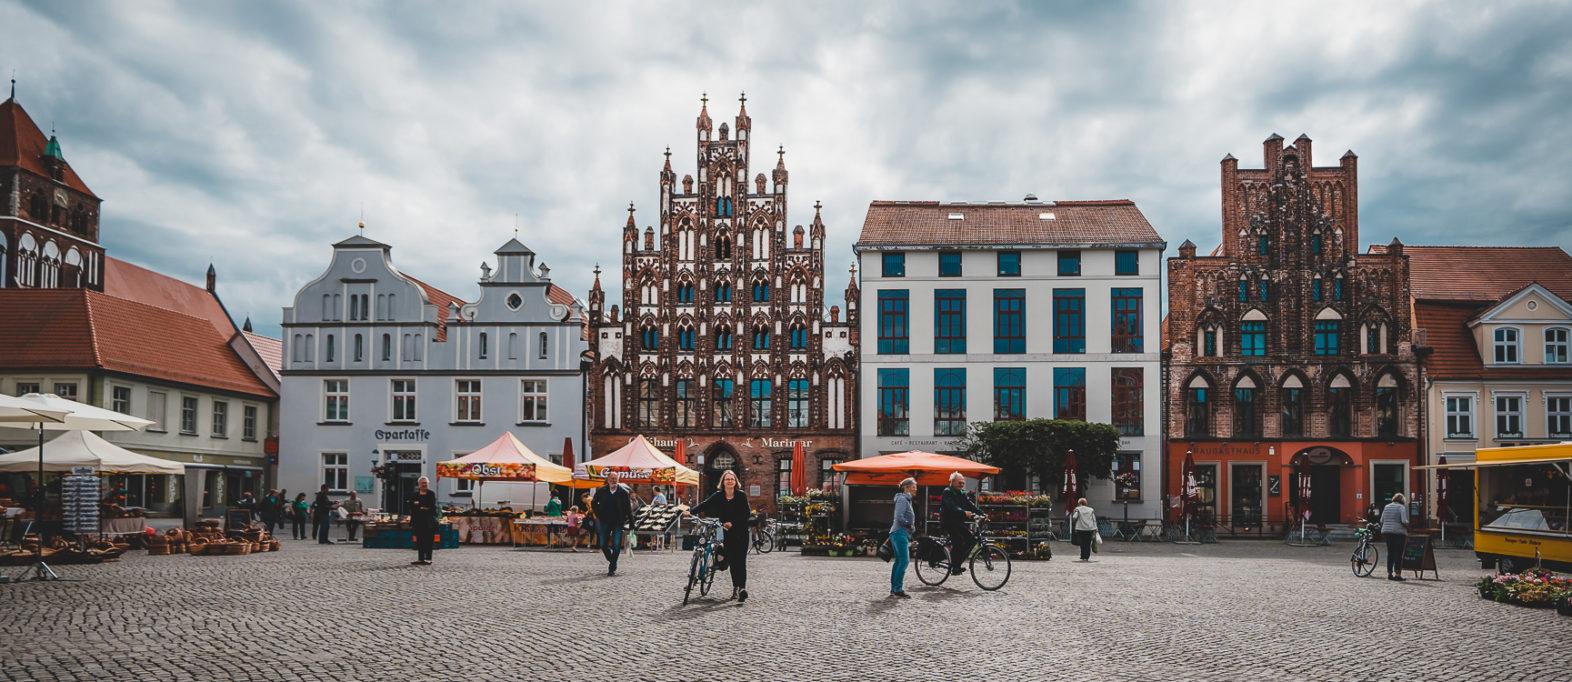 Marktplatz in Greifwald